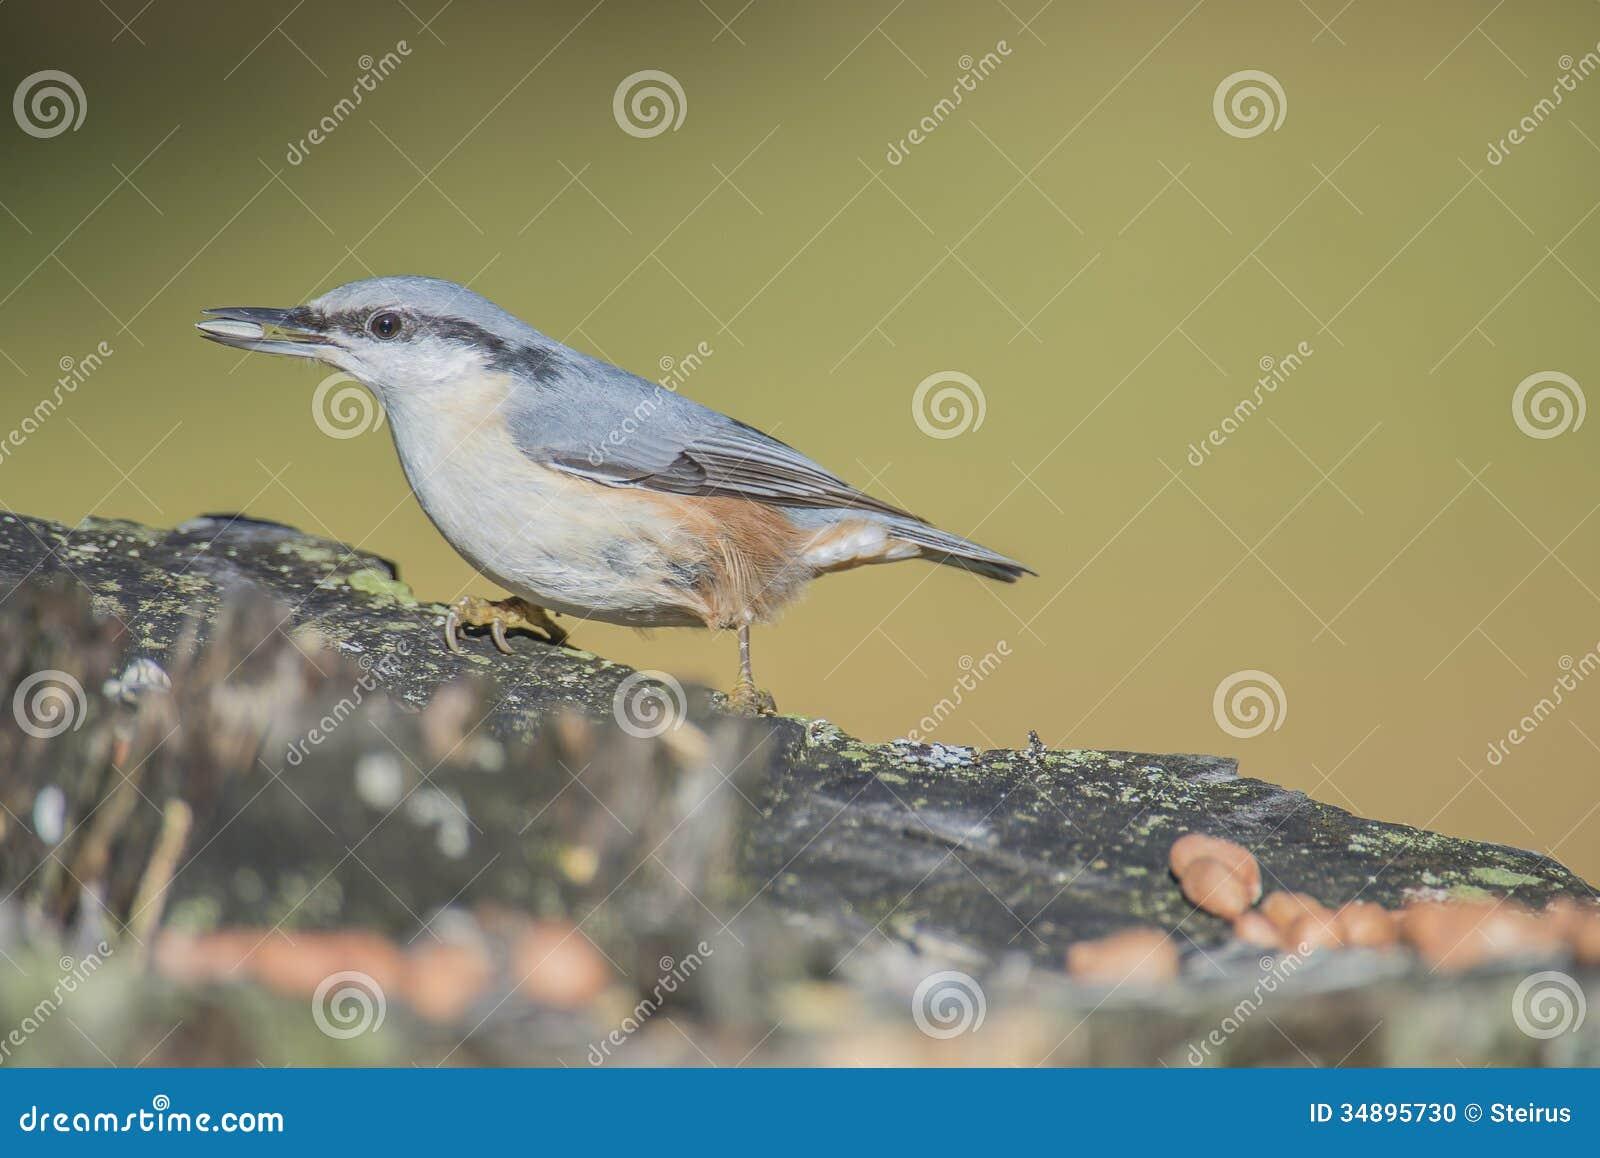 欧亚五子雀, (五子雀类europaea)在树桩